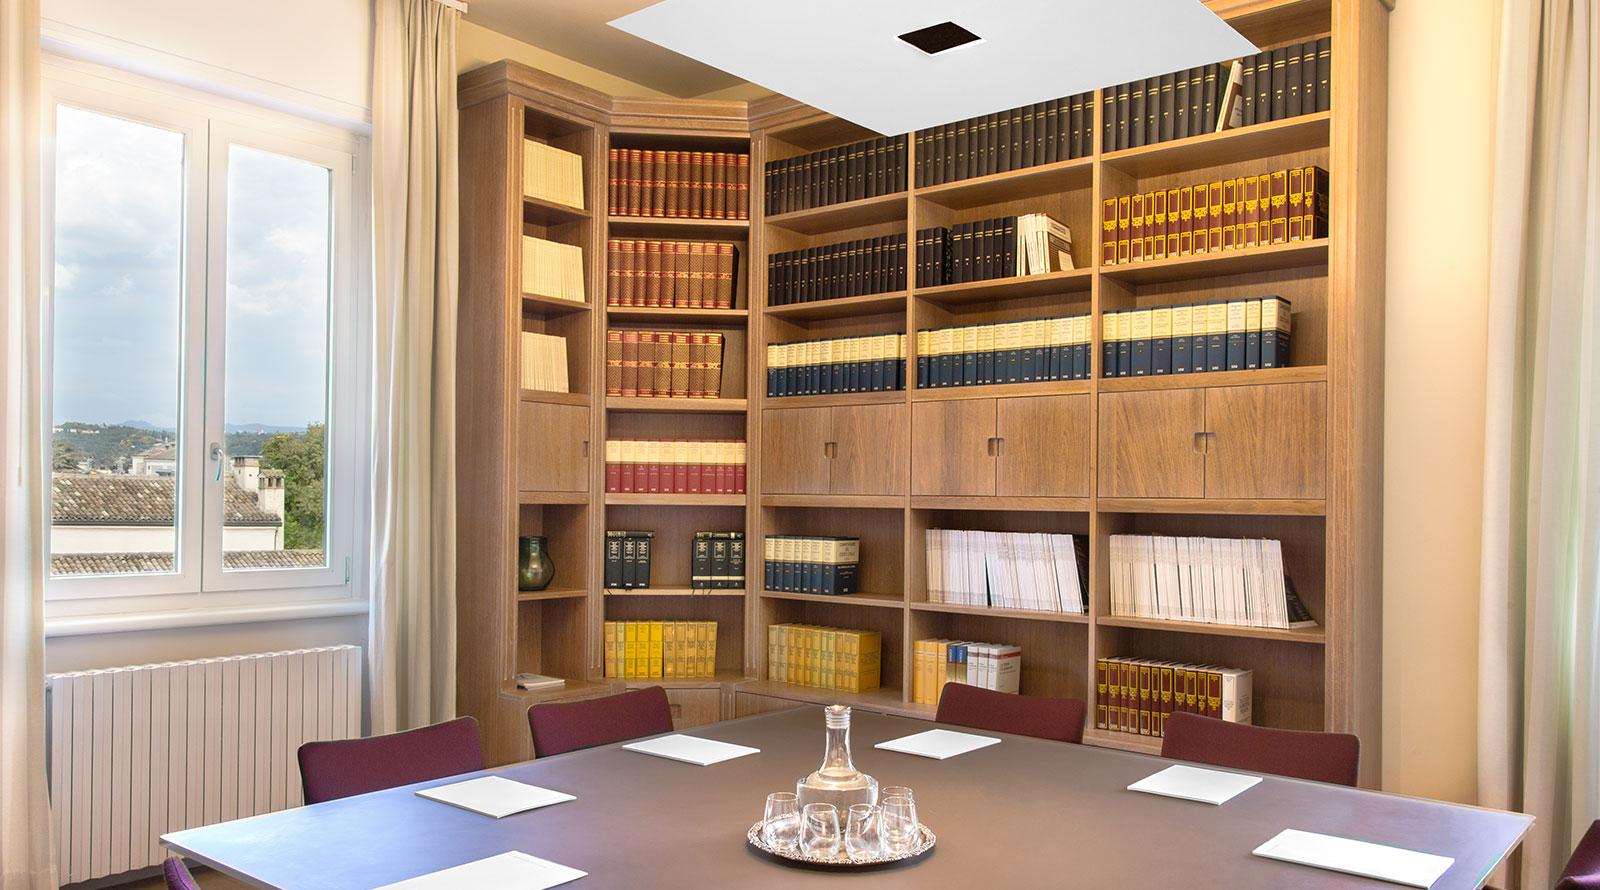 Studio legale Ascione, avvocato a Verona